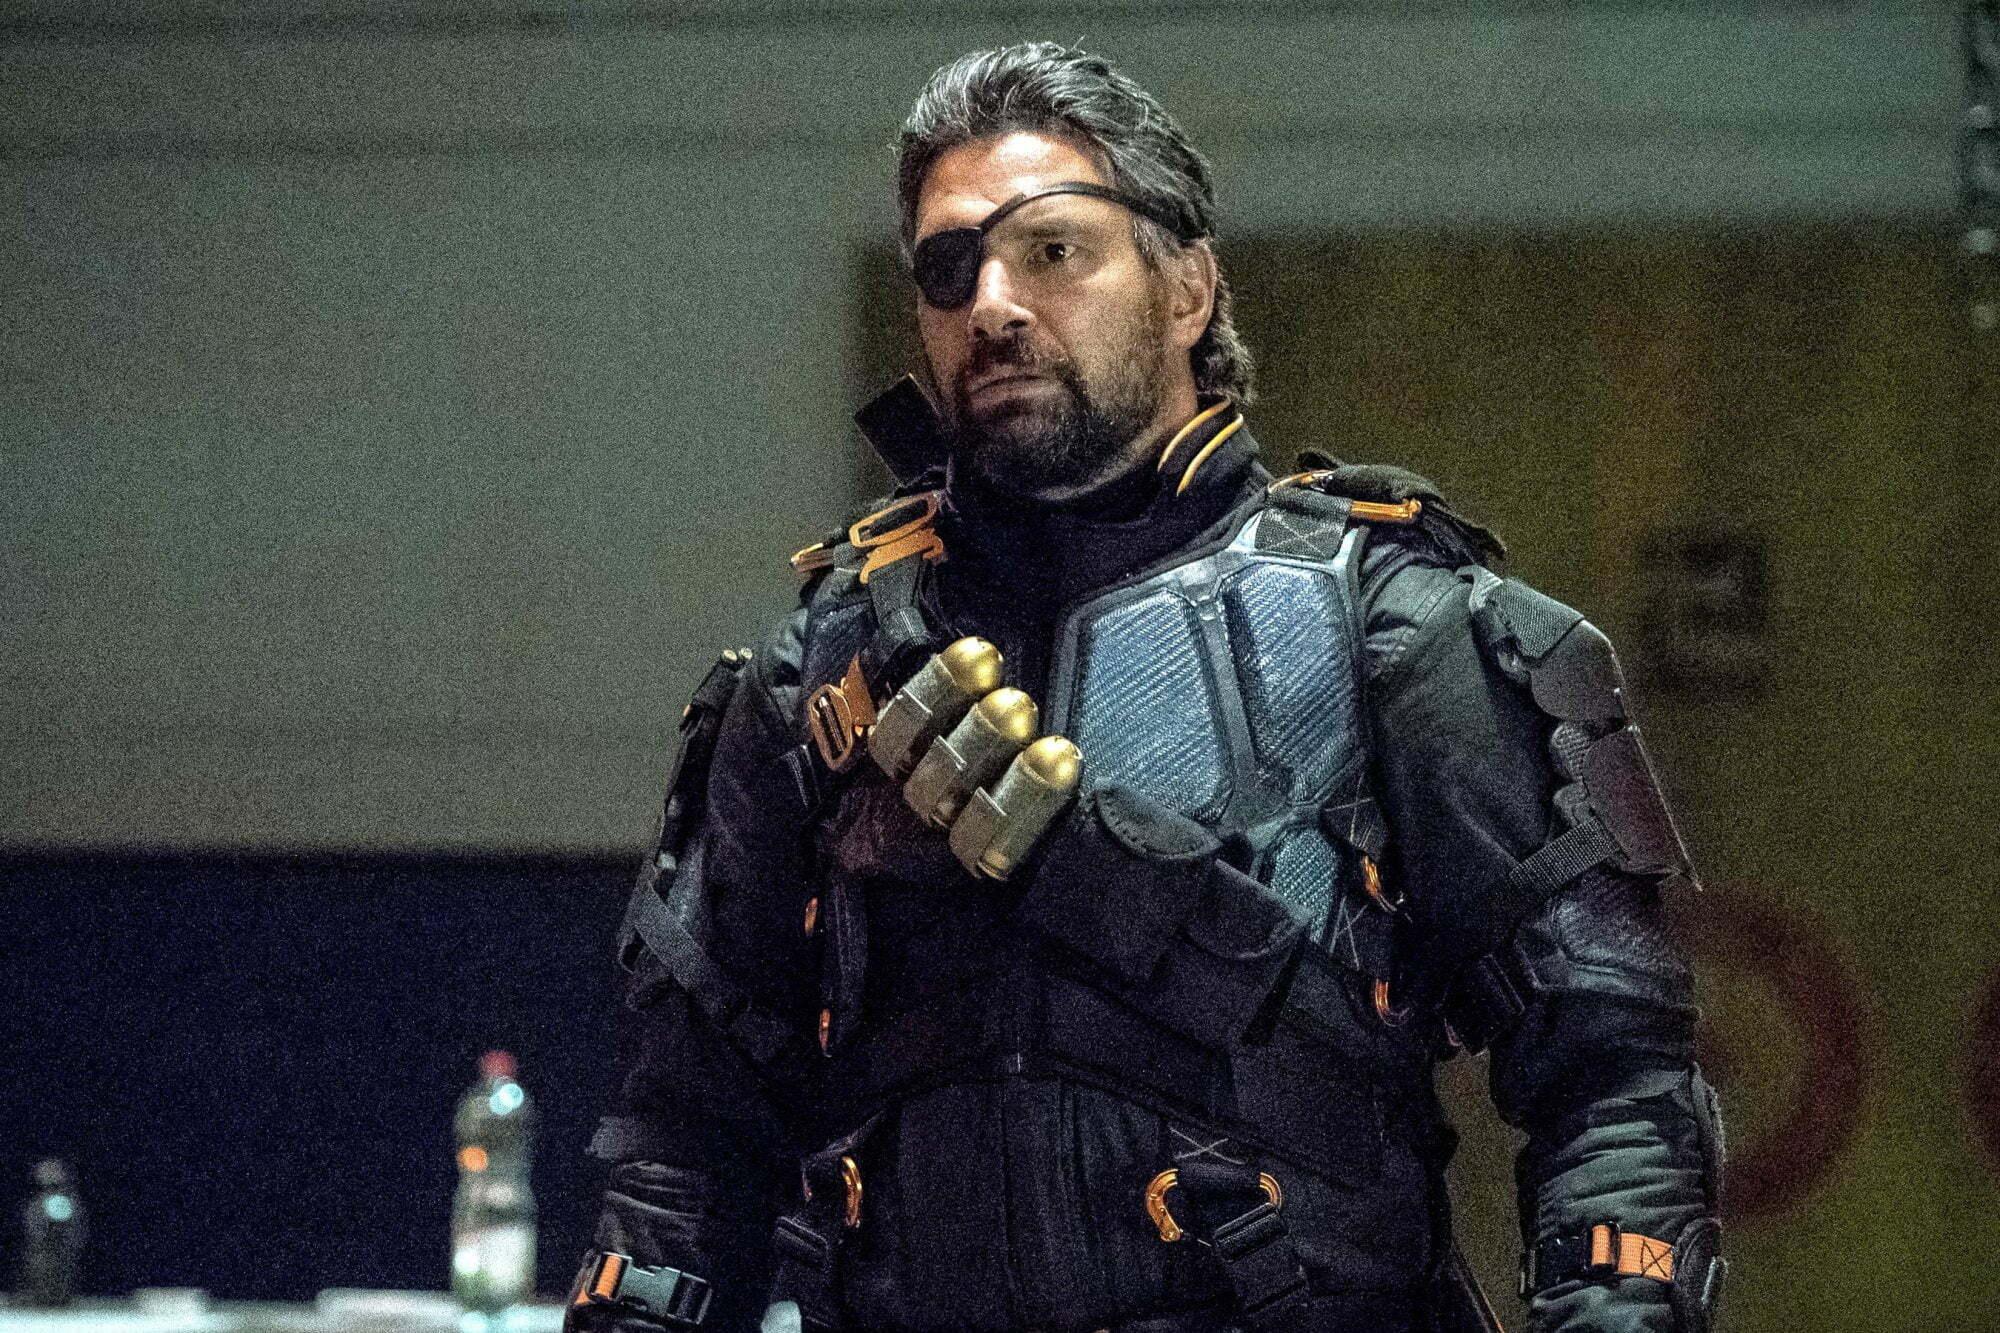 Manu Bennett as Slade Wilson/Deathstroke